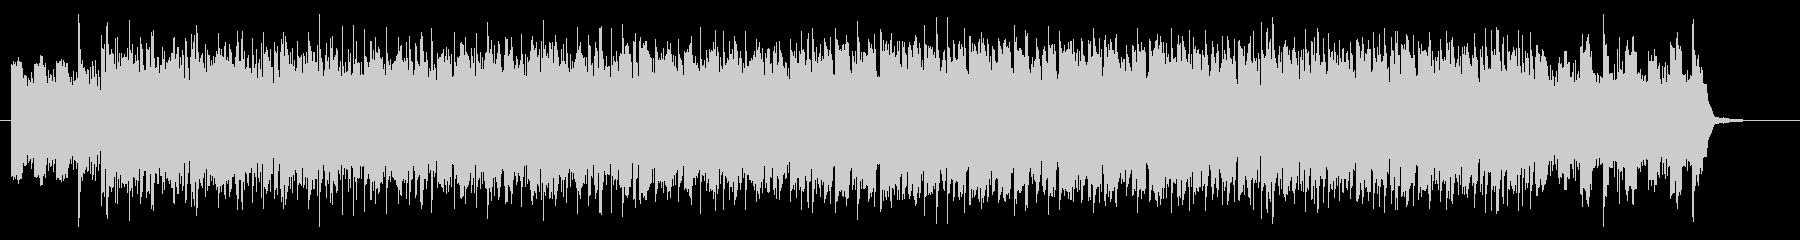 リズミカルでベースが印象的なロックの未再生の波形